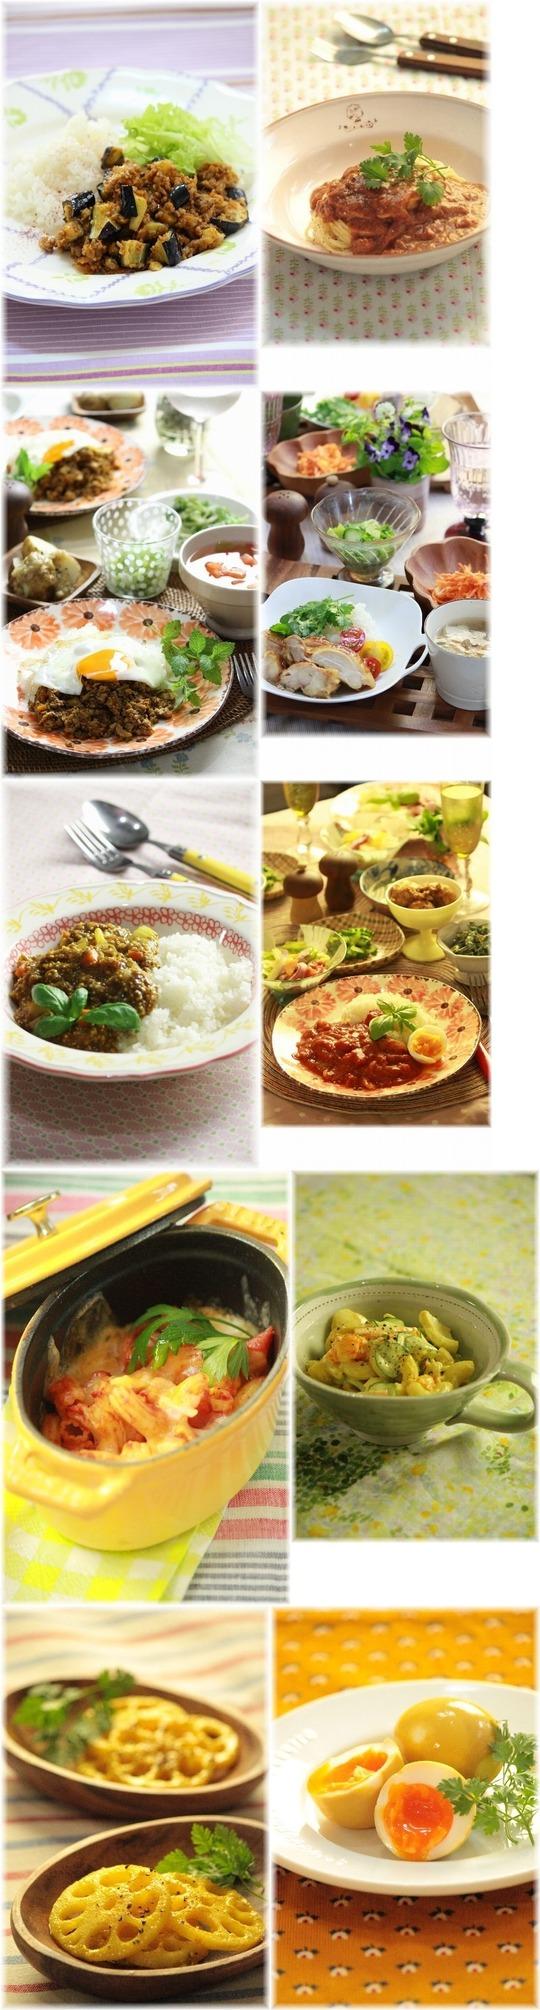 【まとめ】カレーとカレー味のおかず色々10recipes♪と お父さんの夏休み。